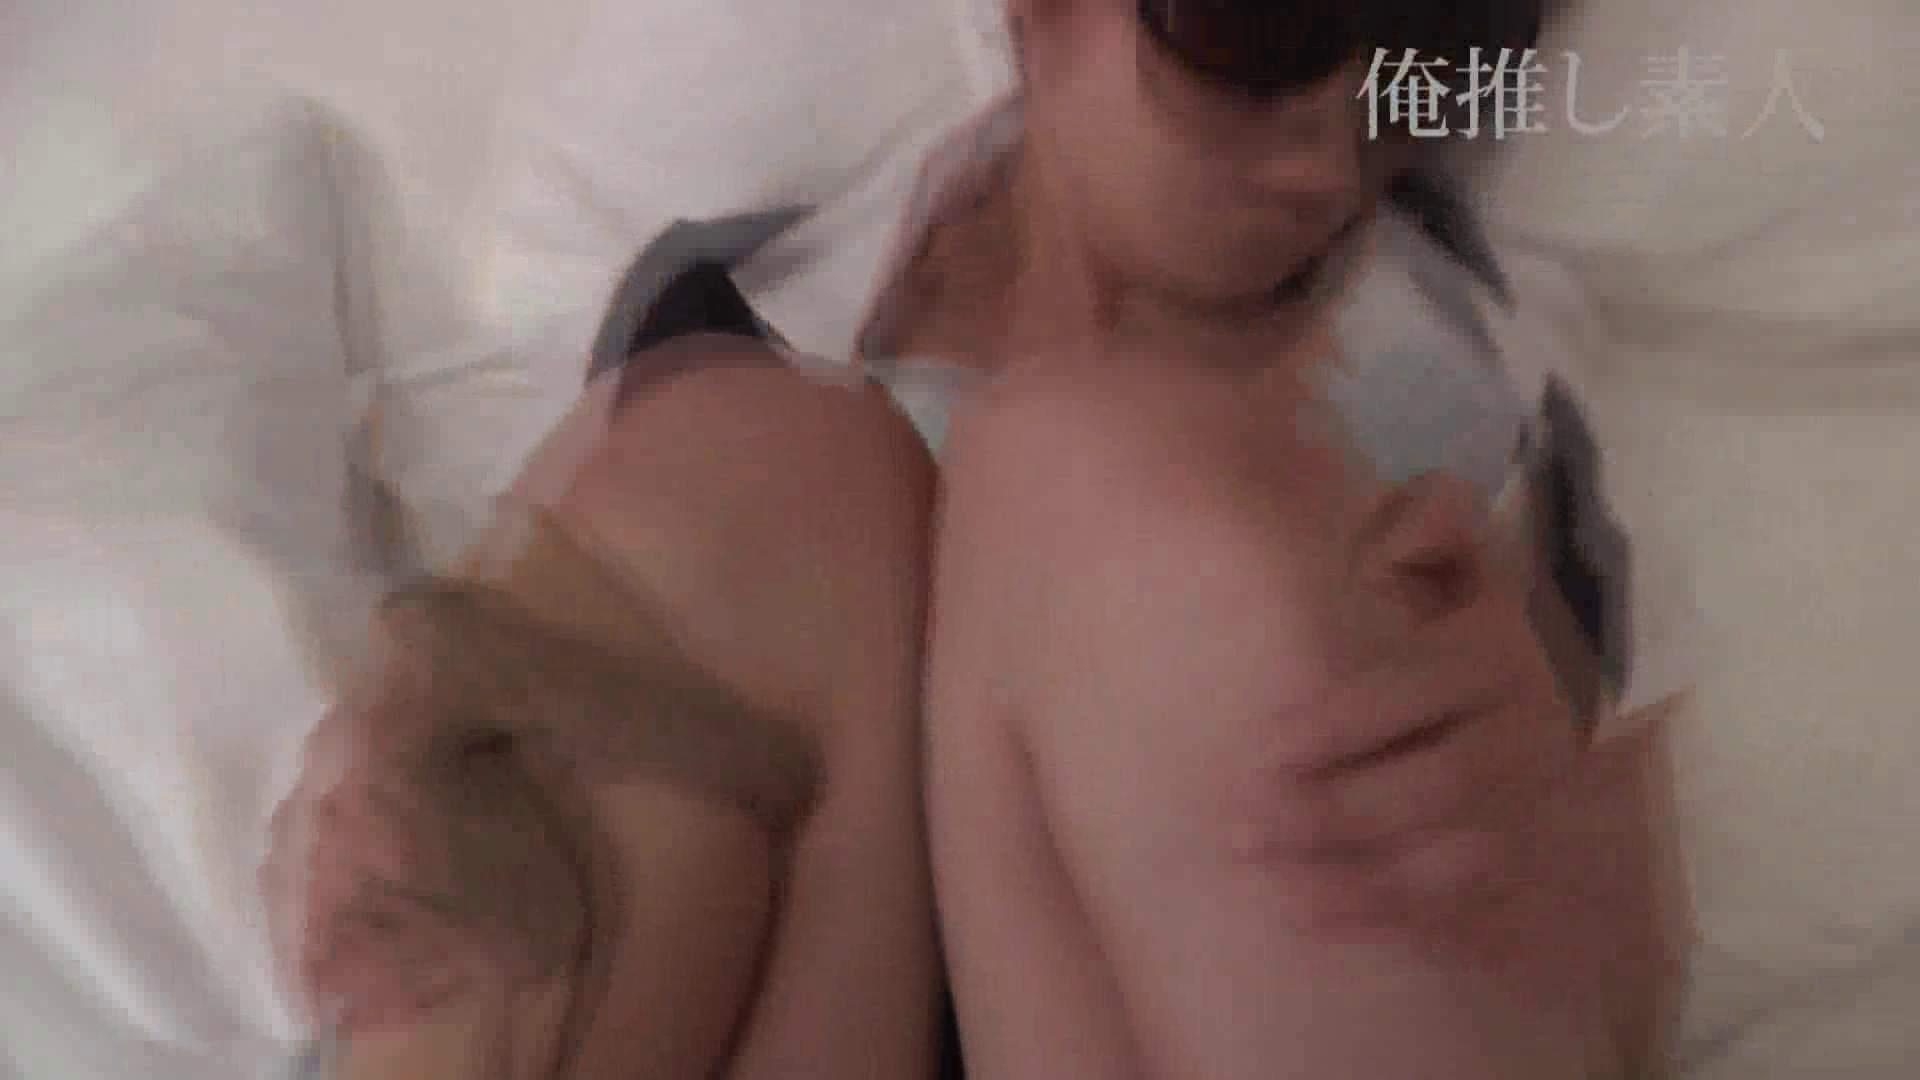 俺推し素人 キャバクラ嬢26歳久美vol3 投稿映像 セックス画像 93pic 70